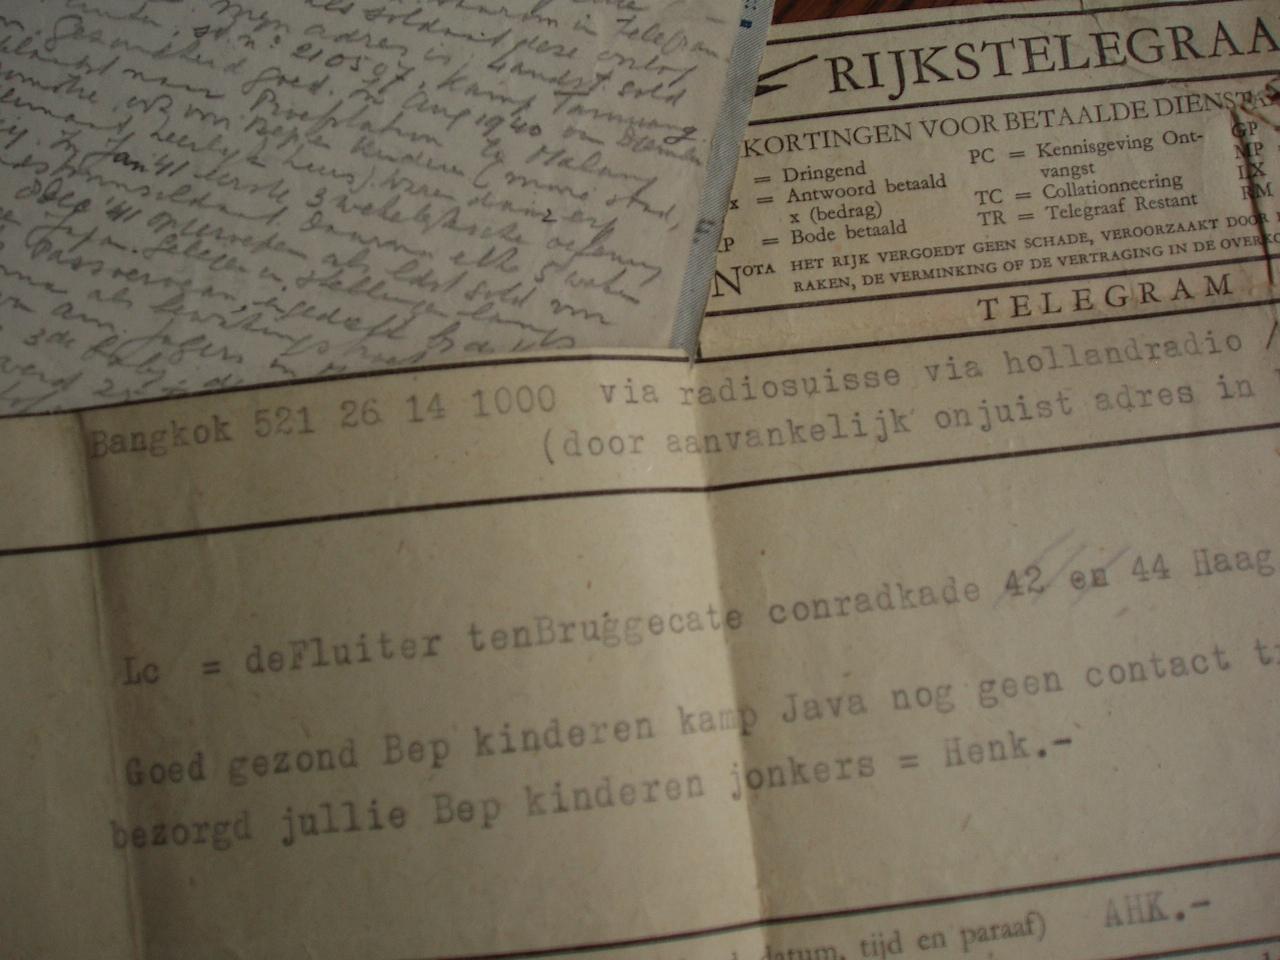 pogingen tot contact na augustus 1945